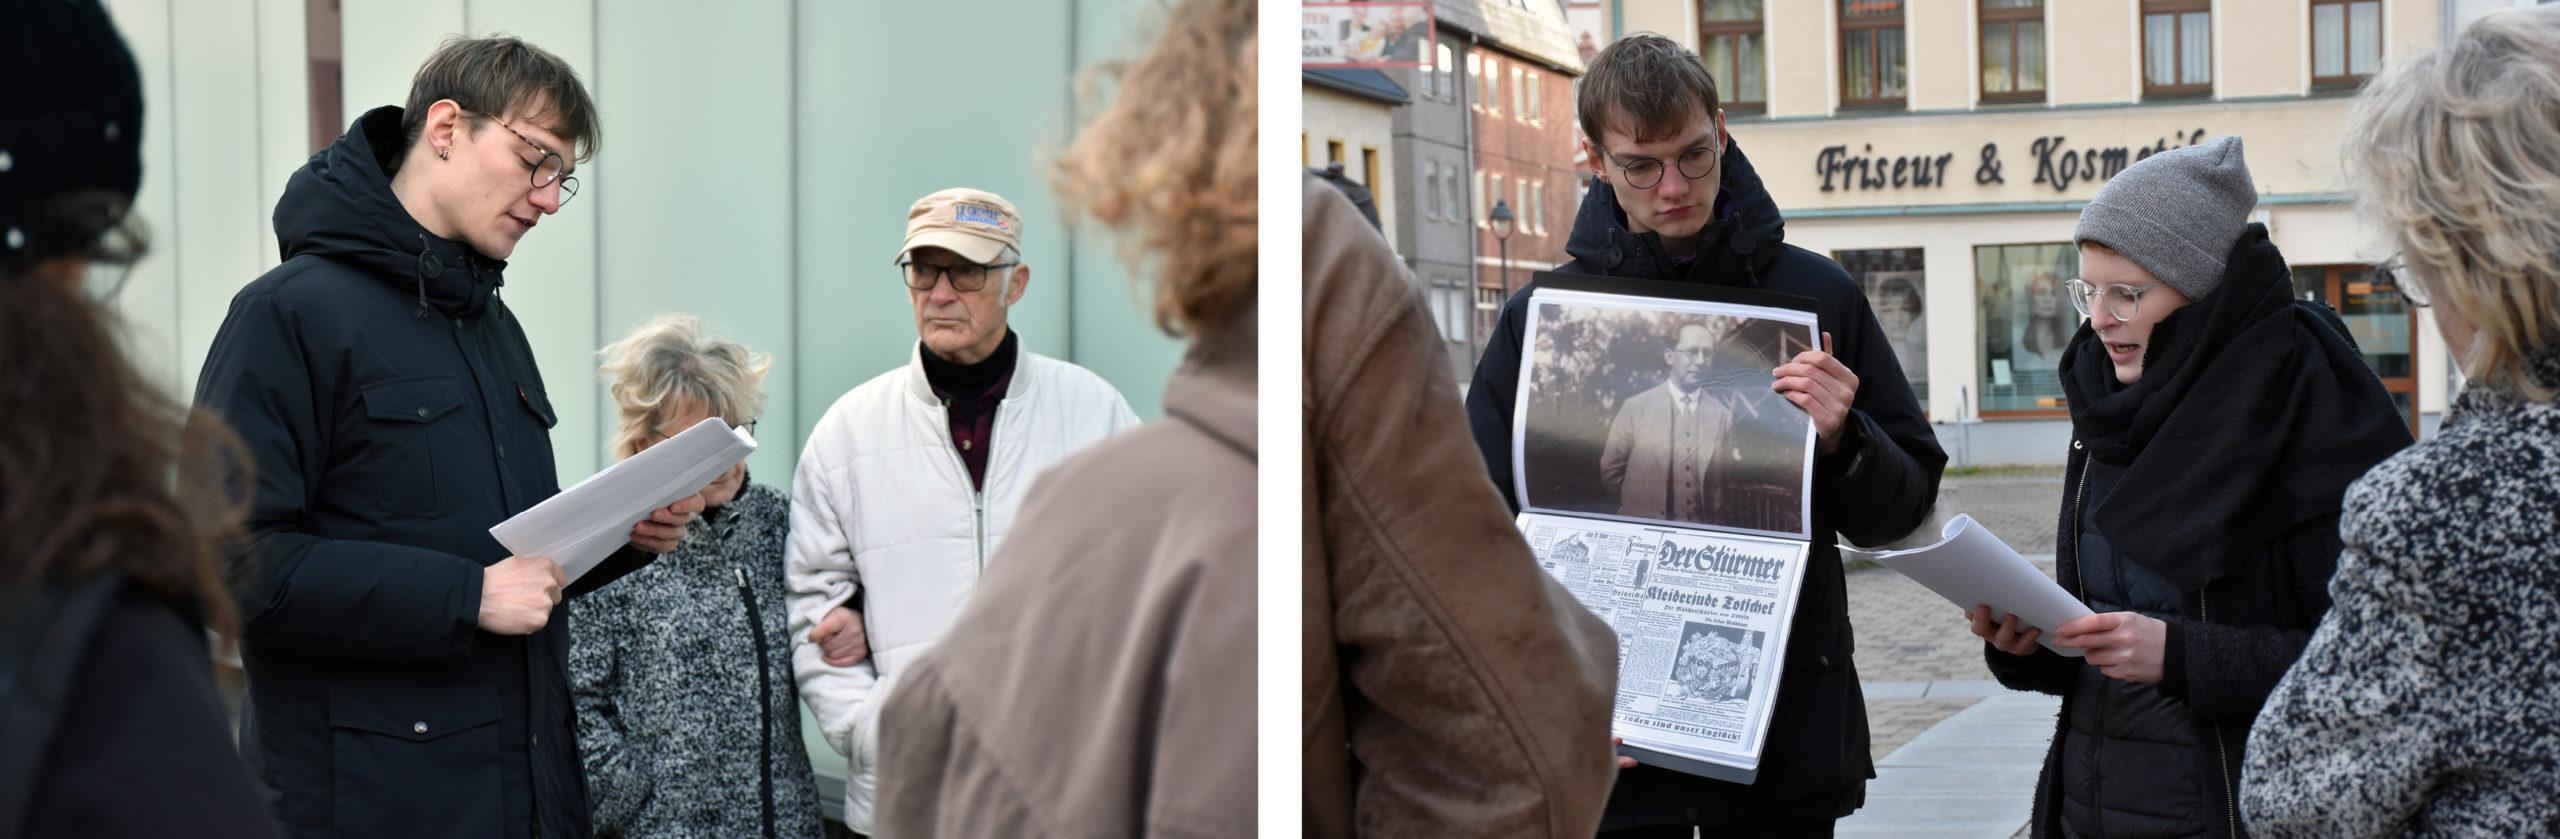 Ein Ehrenamtlicher hält einen Vortrag vor Publikum in der Stadt. // Zwei Ehrenamtliche präsentieren historisches Bildmaterial vor Publikum.